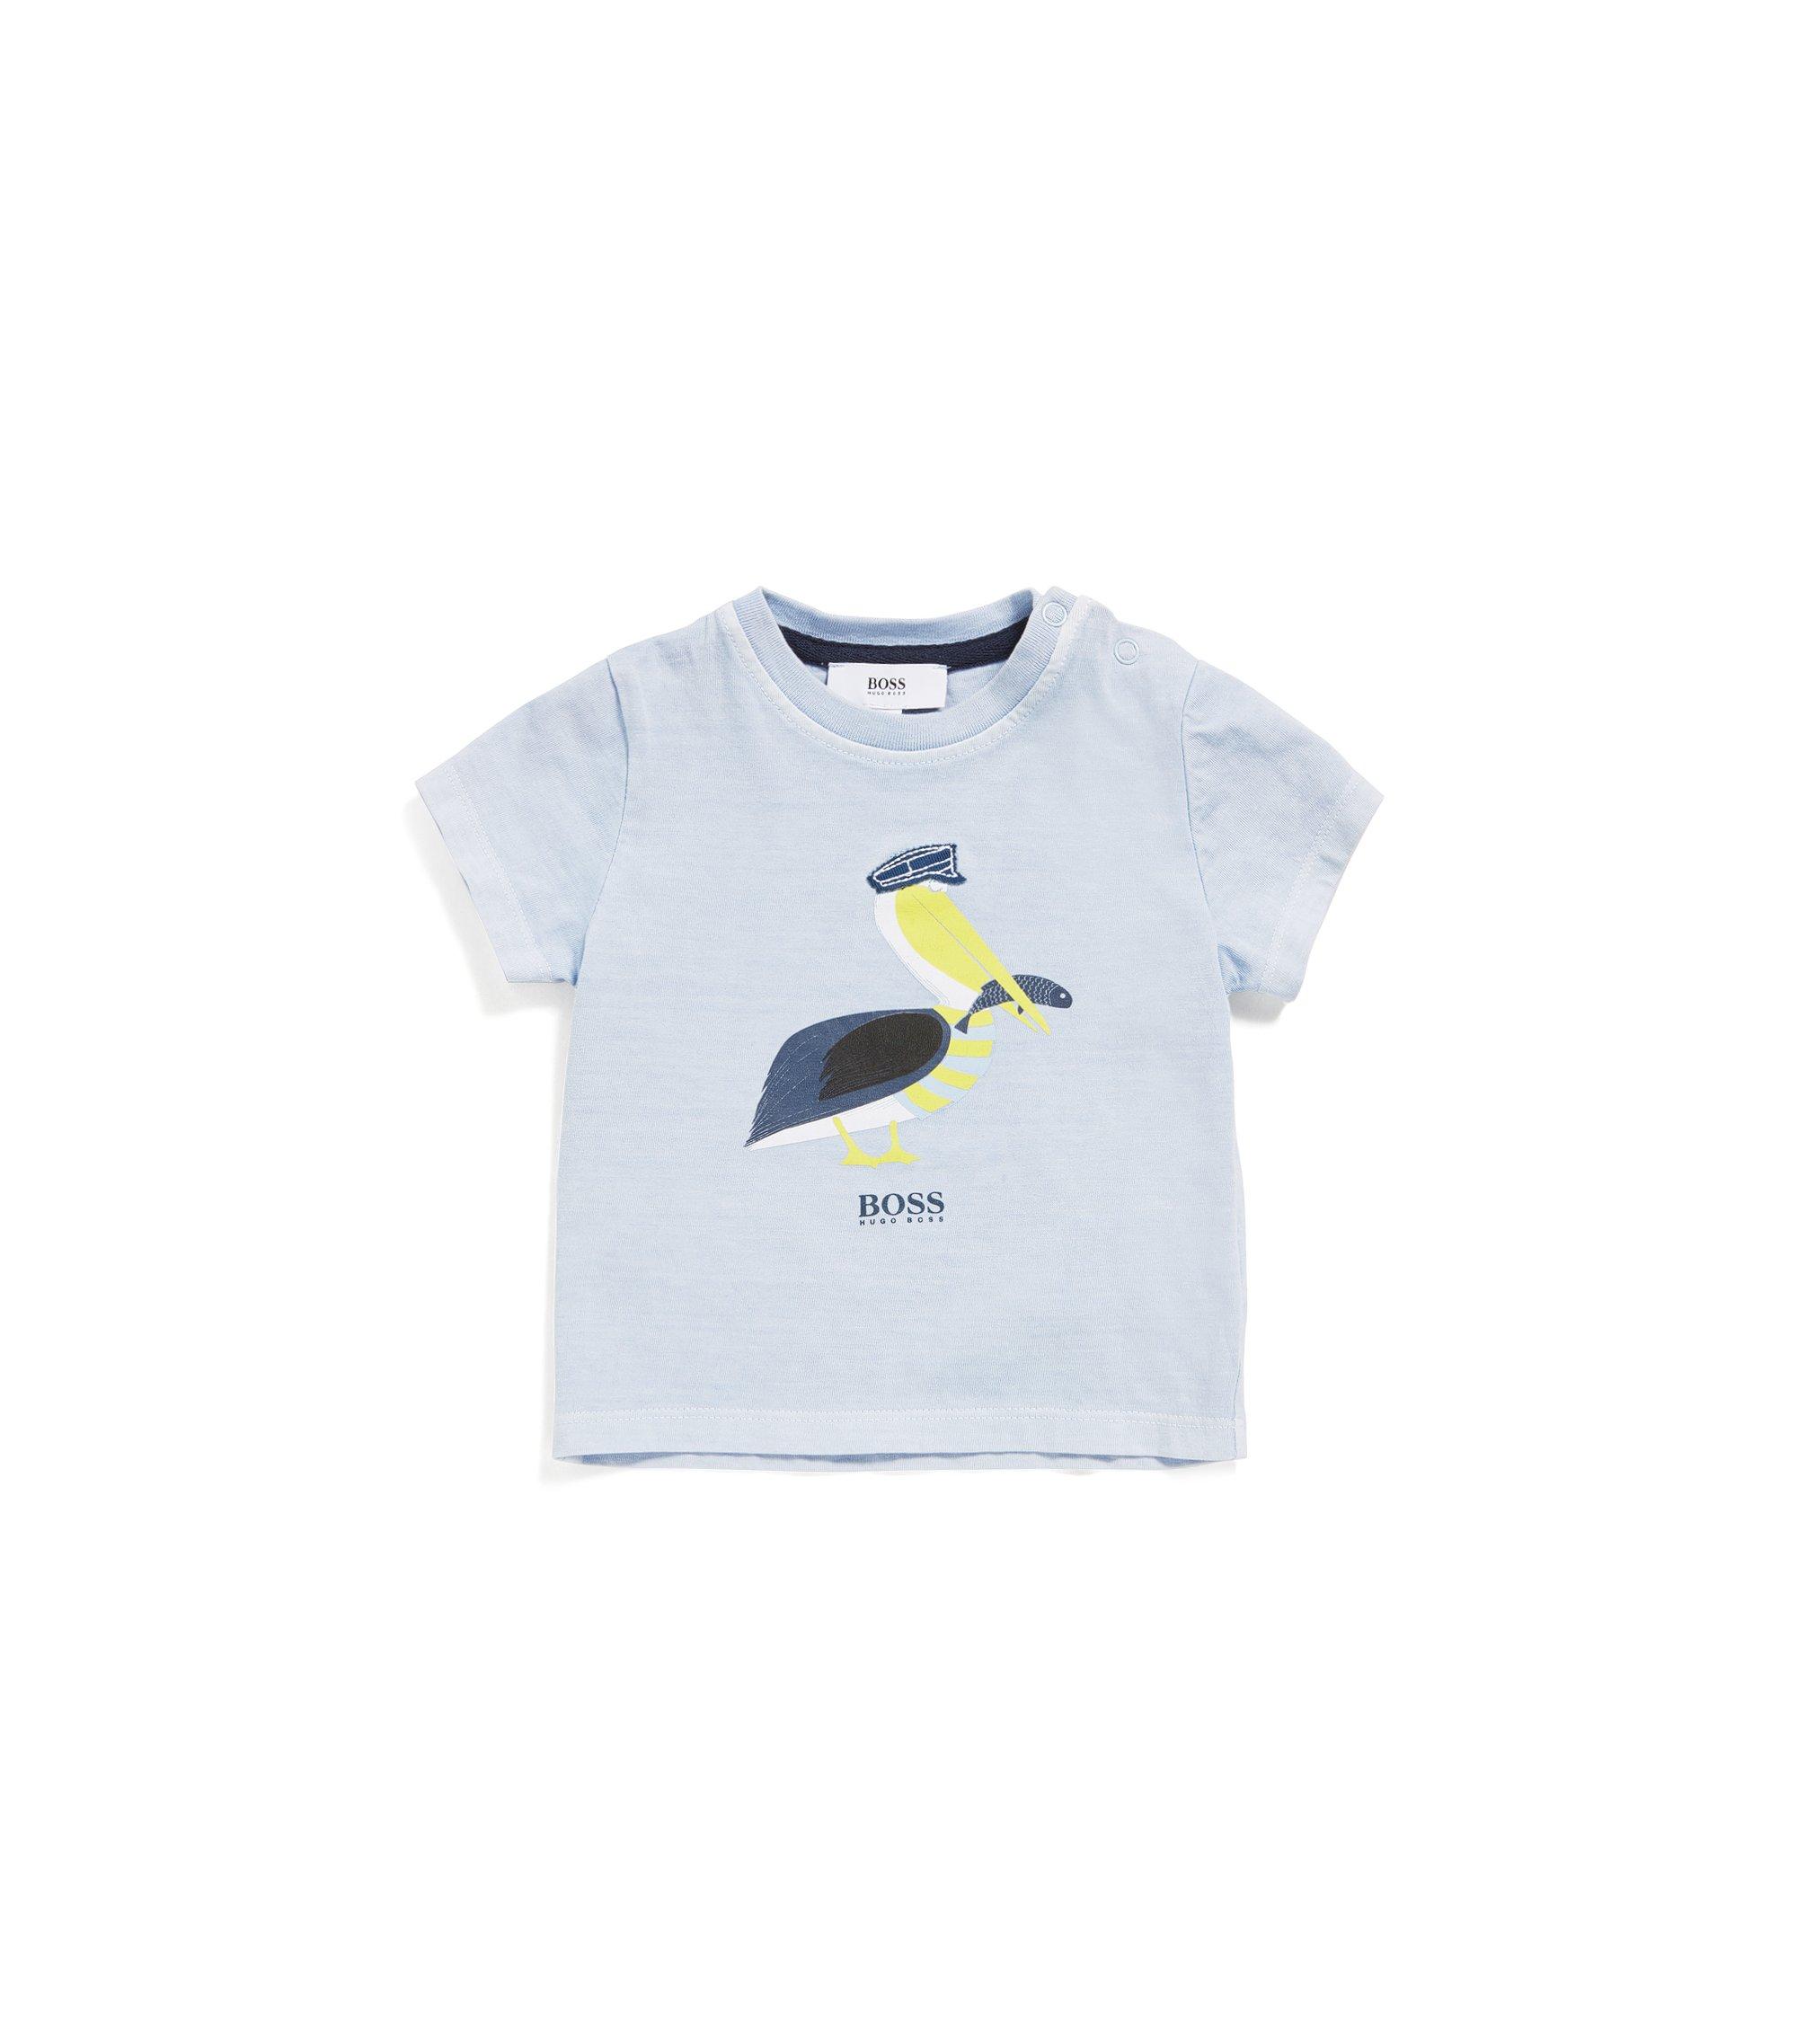 Baby-Shirt aus elastischem Baumwoll-Mix mit Print: 'J05533', Hellblau